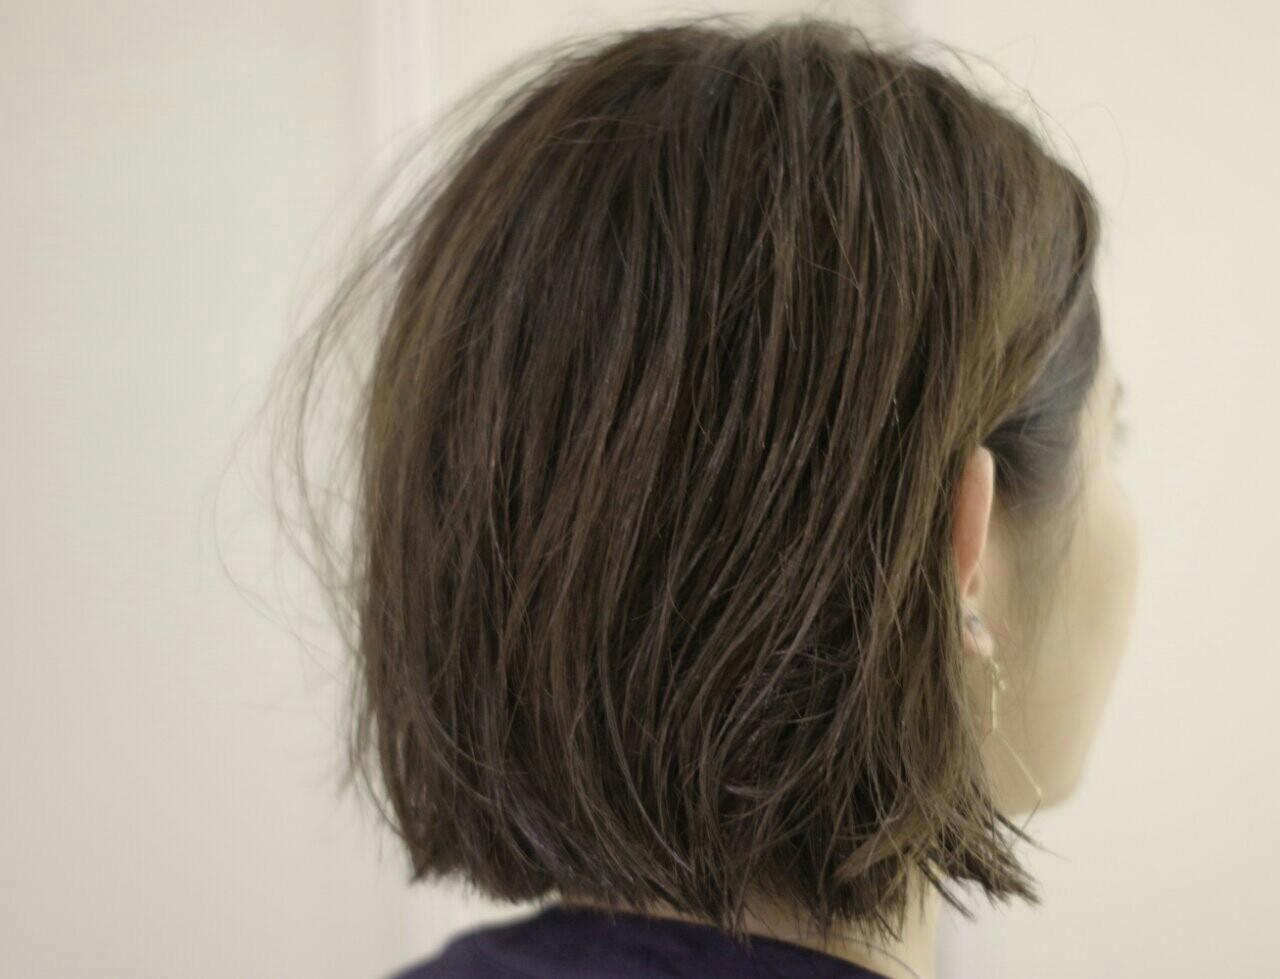 ボブ ウェットヘア 暗髪 ストリートヘアスタイルや髪型の写真・画像